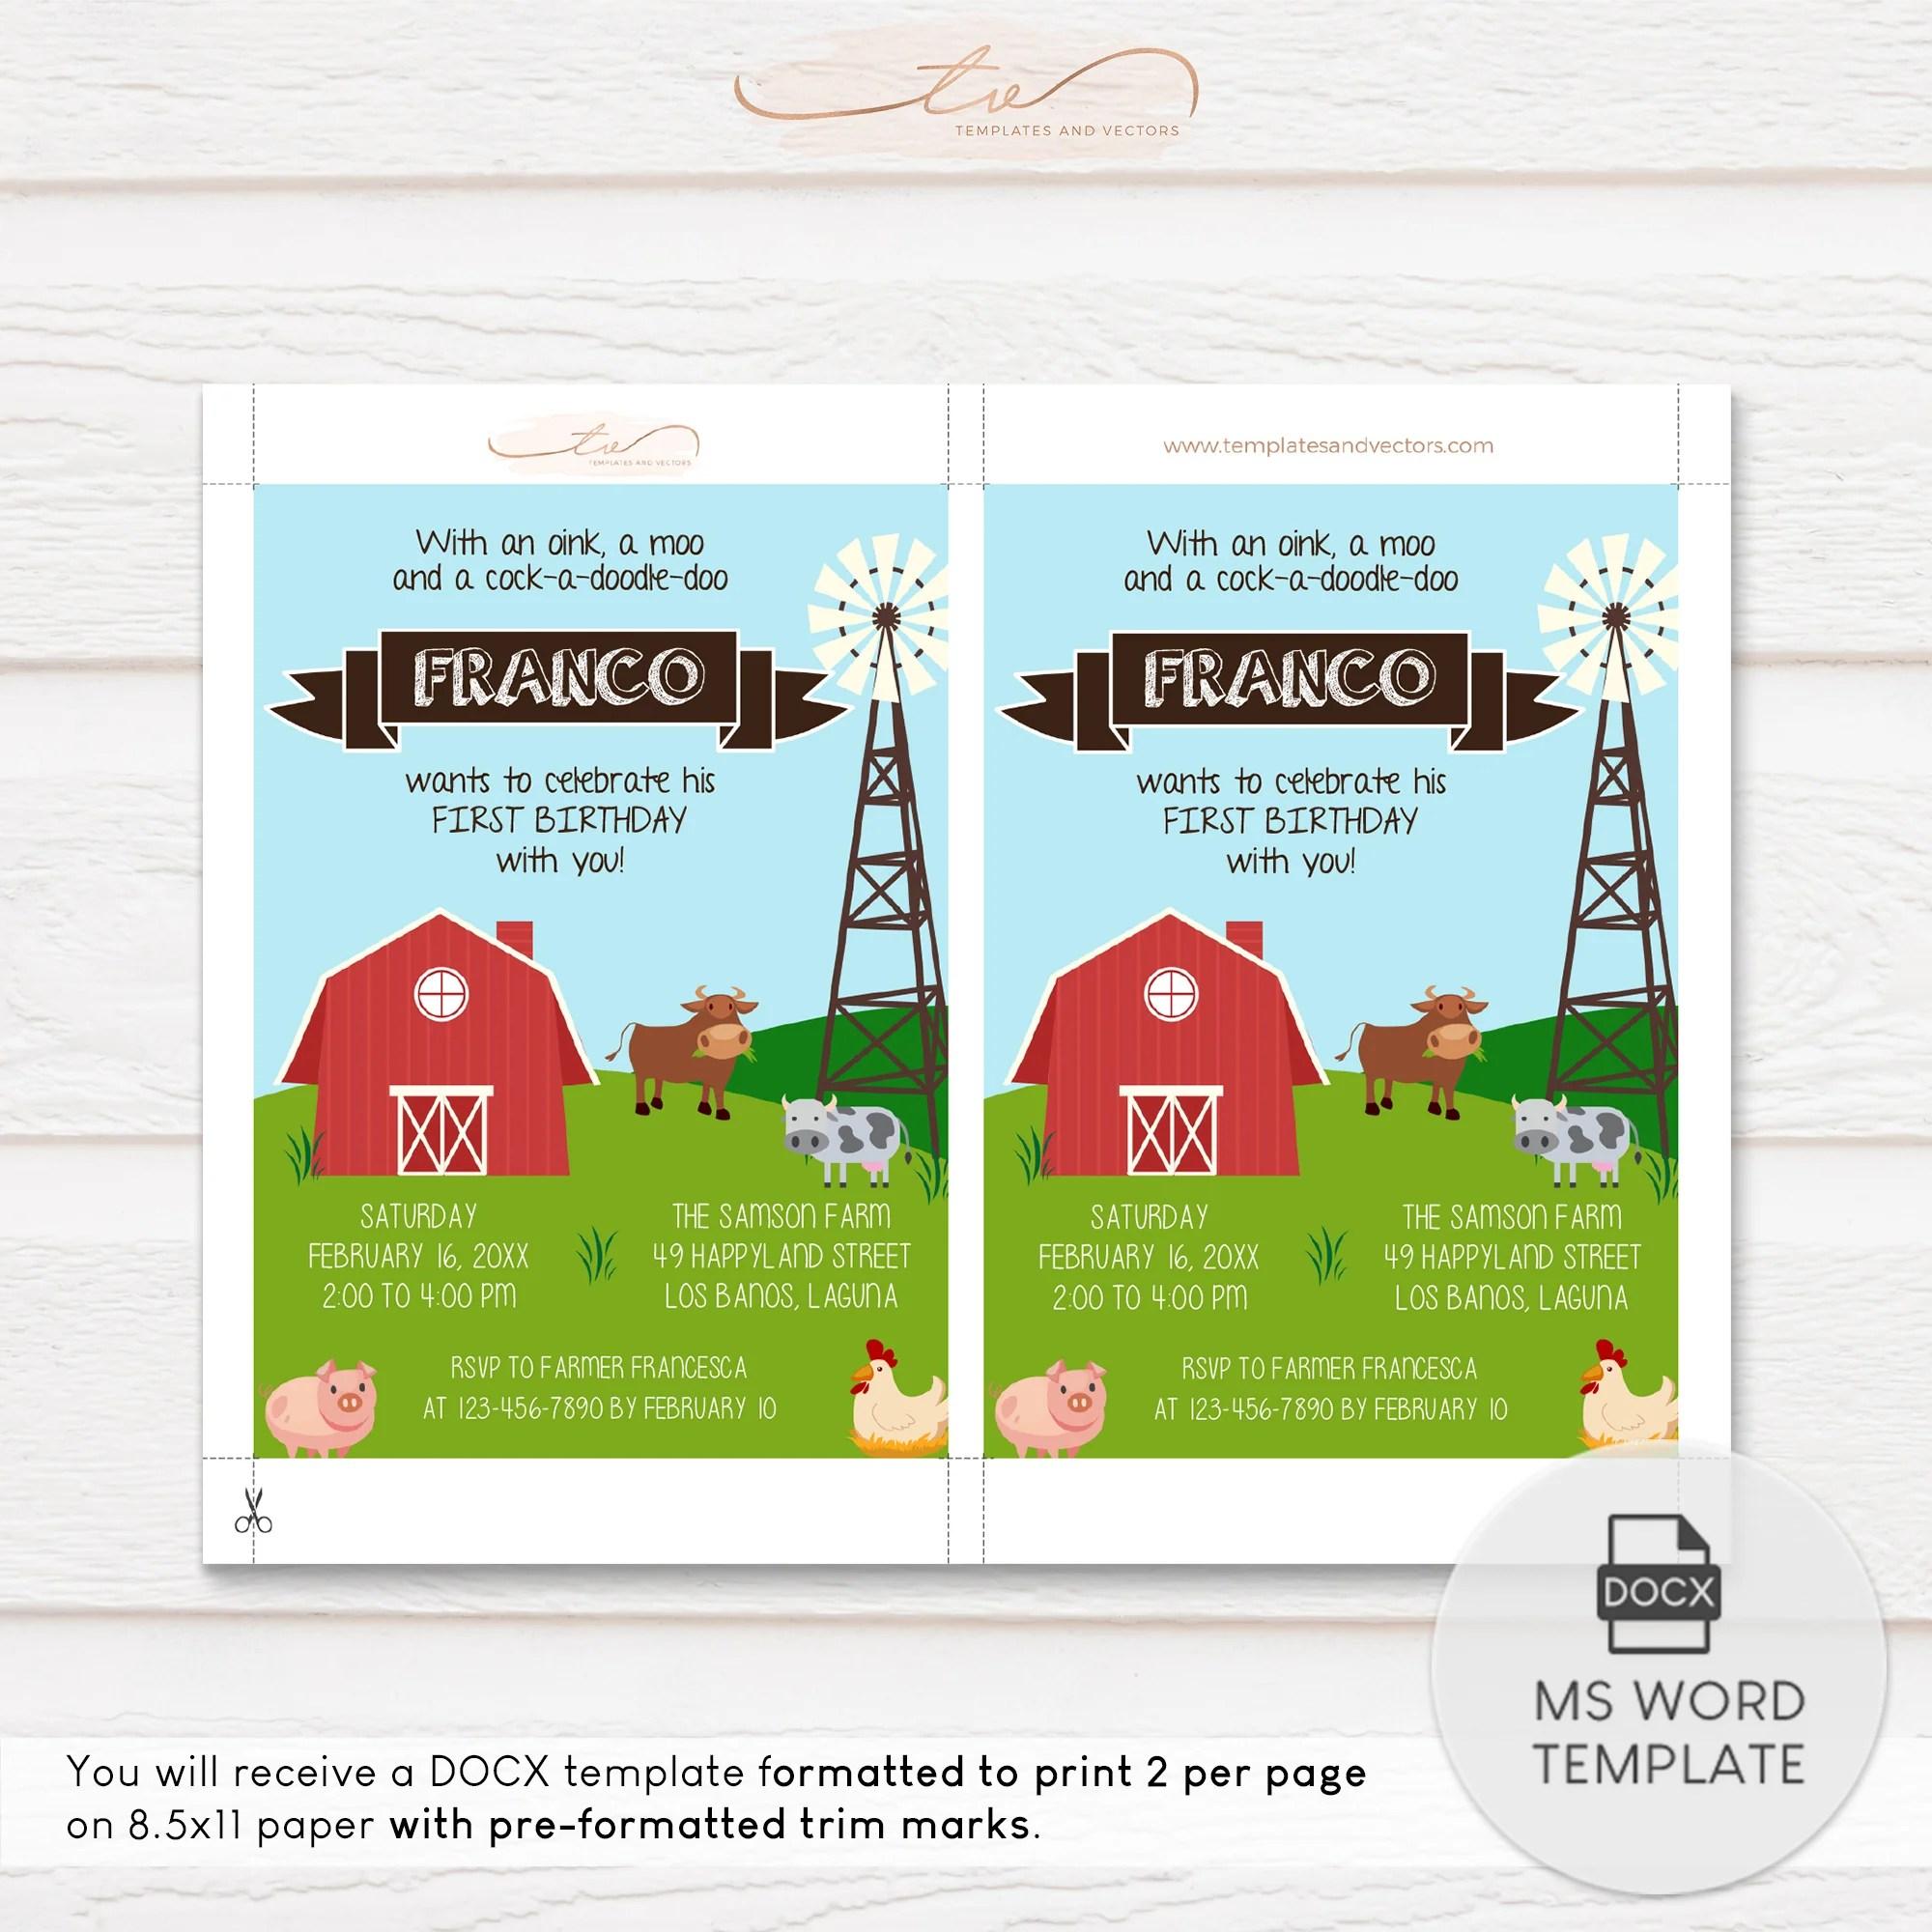 templates and vectors